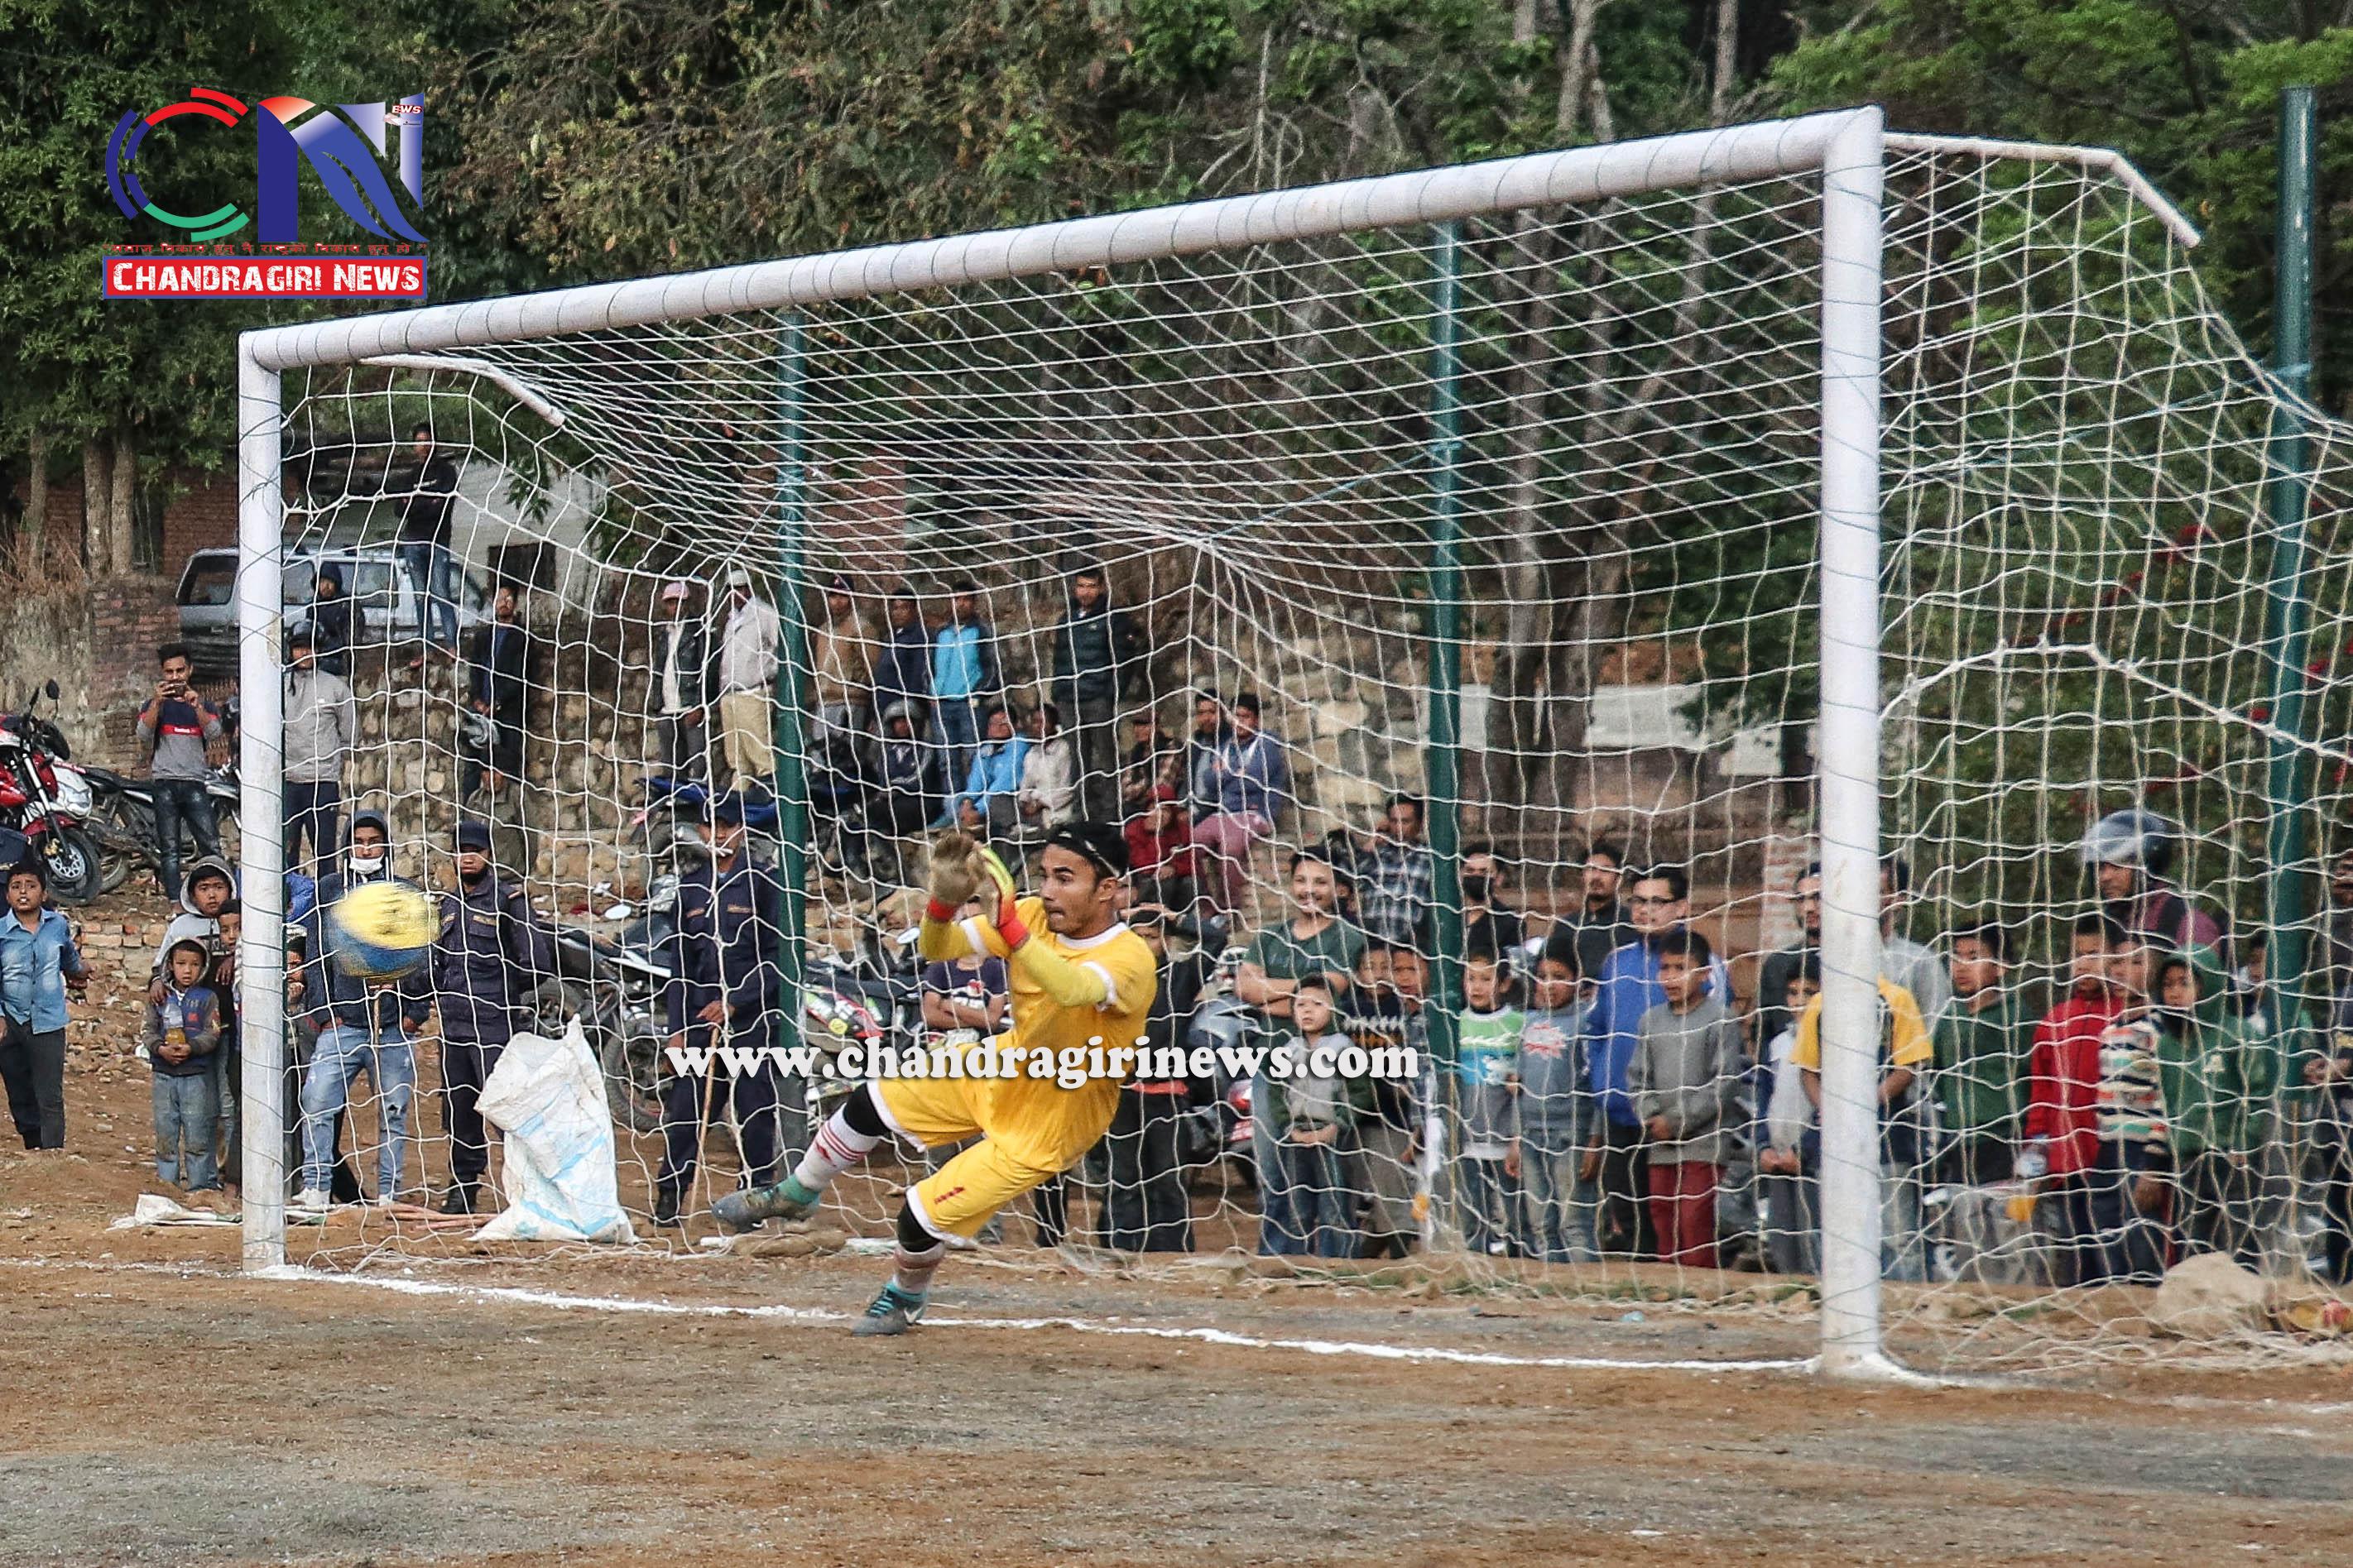 Chandragirinews western-united-3rd-game-18 चाैठाै नेपाललय वईस्टन युनाईटेड क्लवकप फुटबल प्रतियाेगितामा ब्लु बेल फुटबल क्लब र वराकल रे स्पोर्ट्स एकेडेमीको विजयी सुरुवात खेलकुद नगरपालिका ब्रेकिंग न्युज मातातिर्थ मुख्य राष्ट्रिय    chandragiri